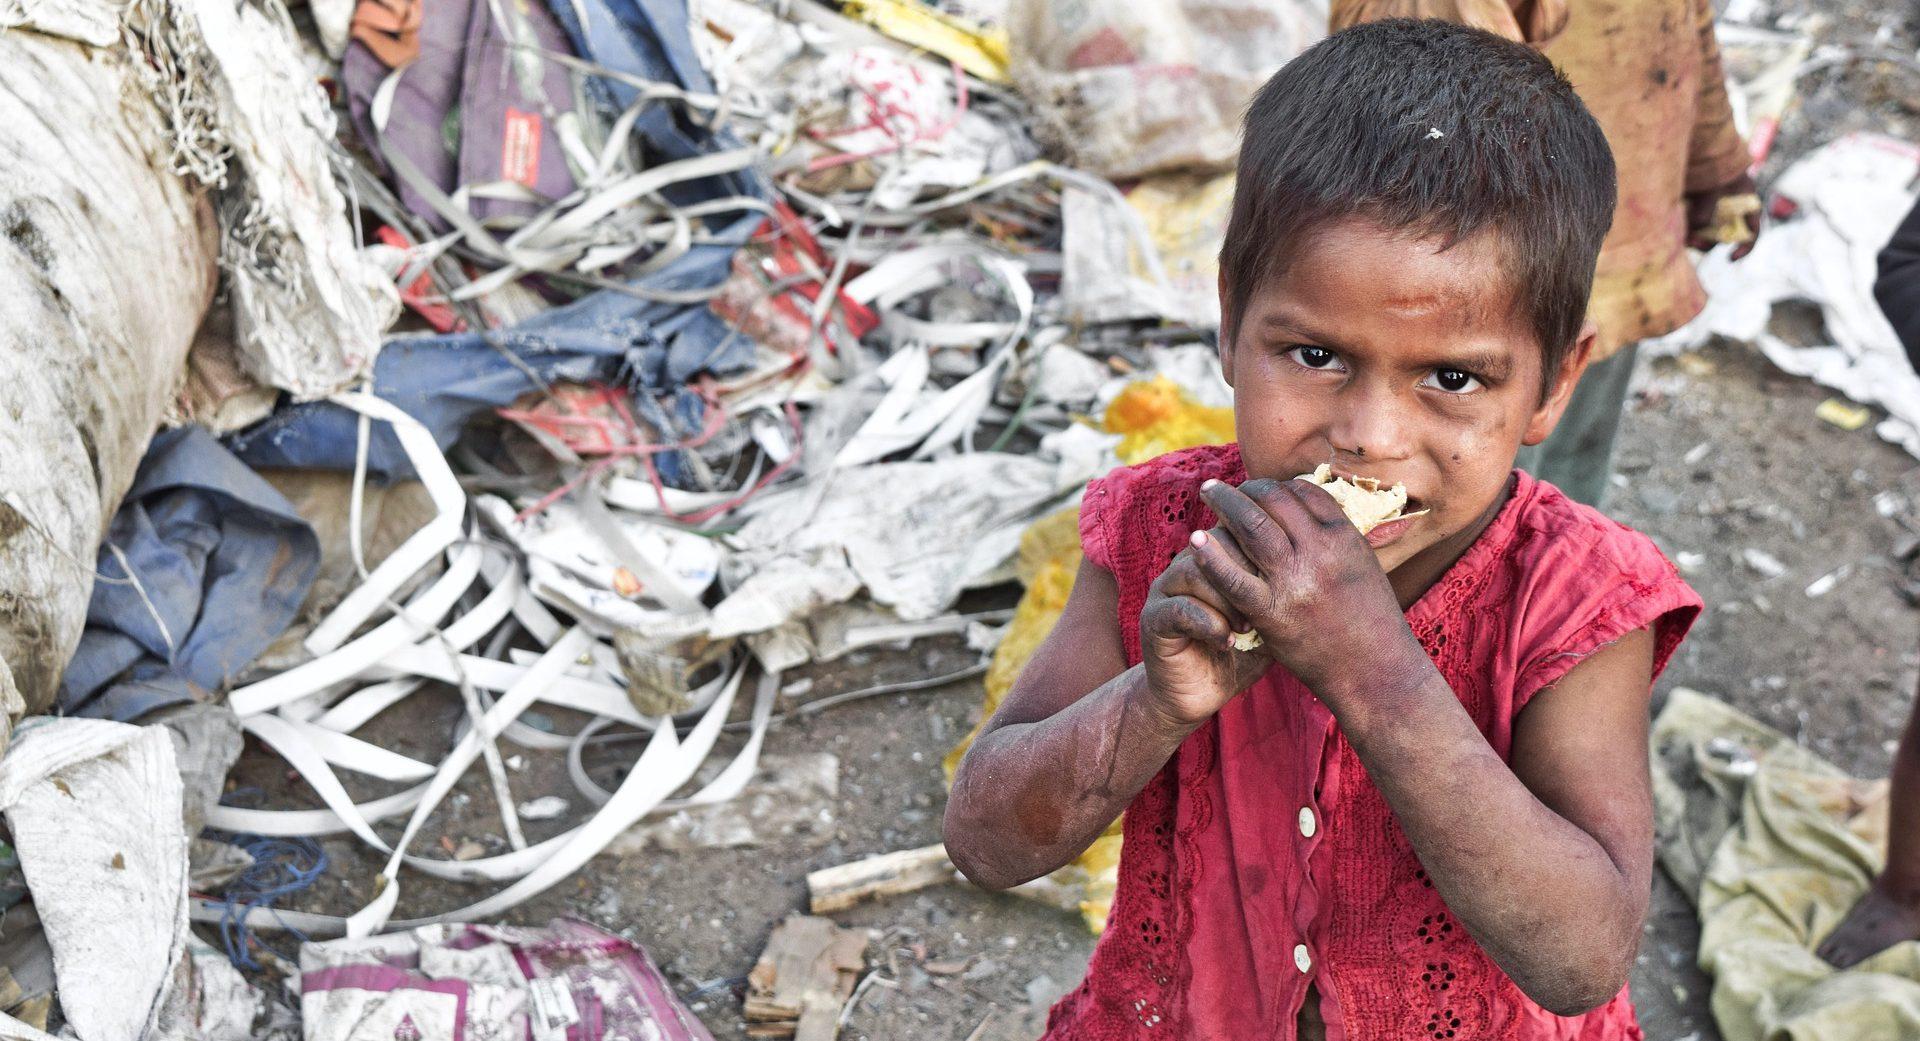 Éhező gyerek a szemétben